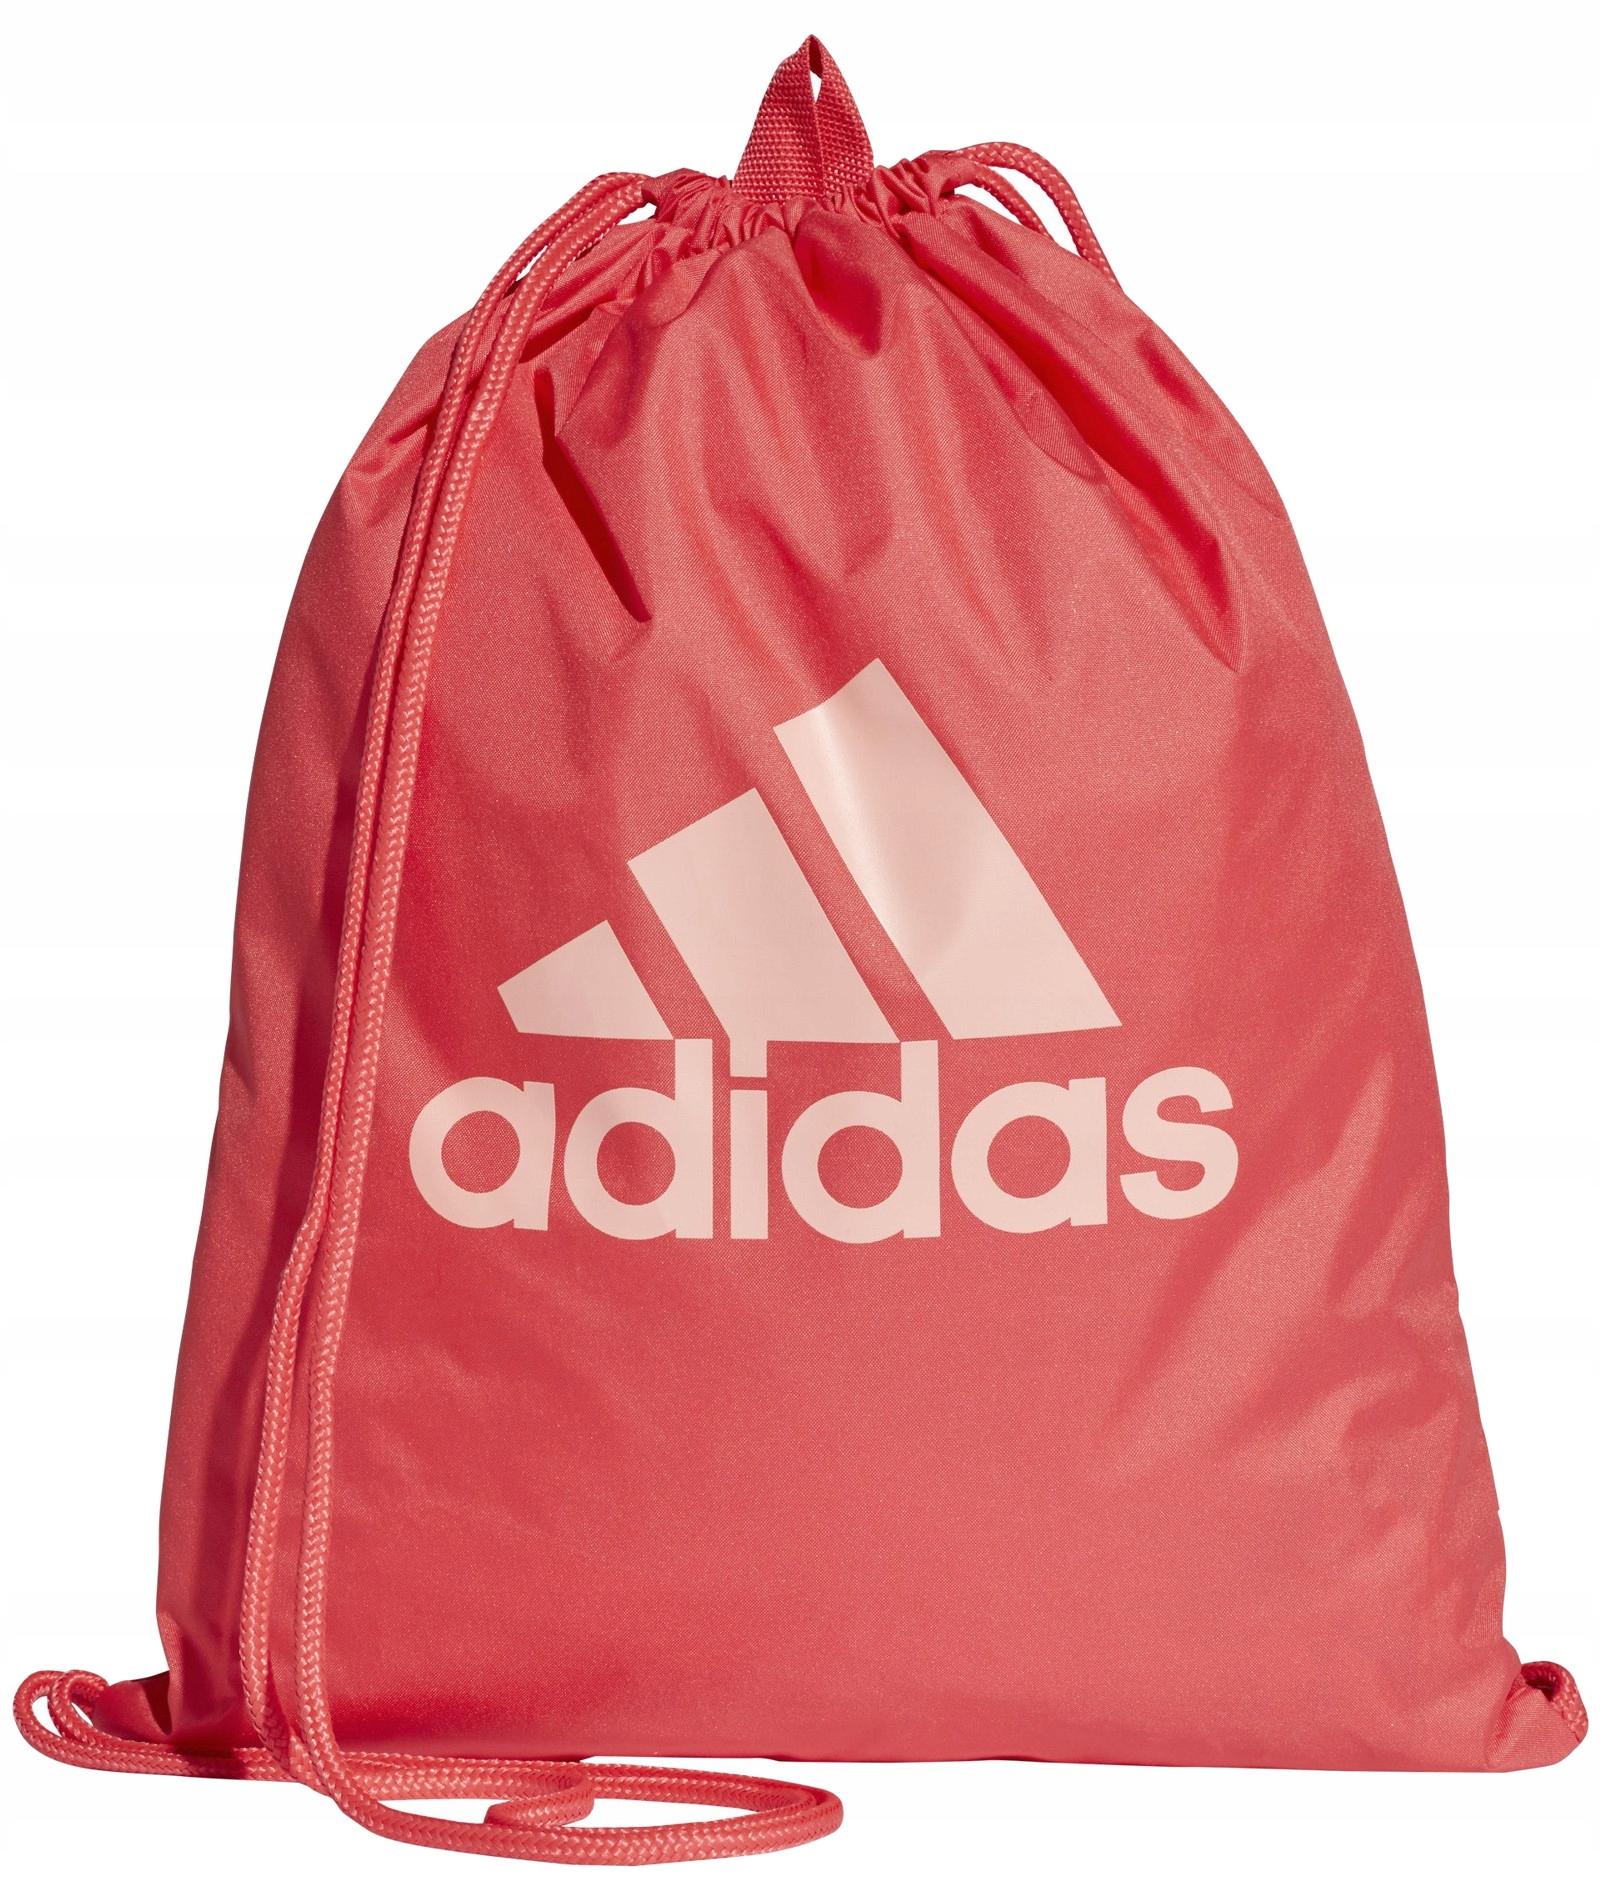 7ee0d85ade898 ADIDAS Torba sportowa worek na buty odzież CF5020 - 7238038098 ...